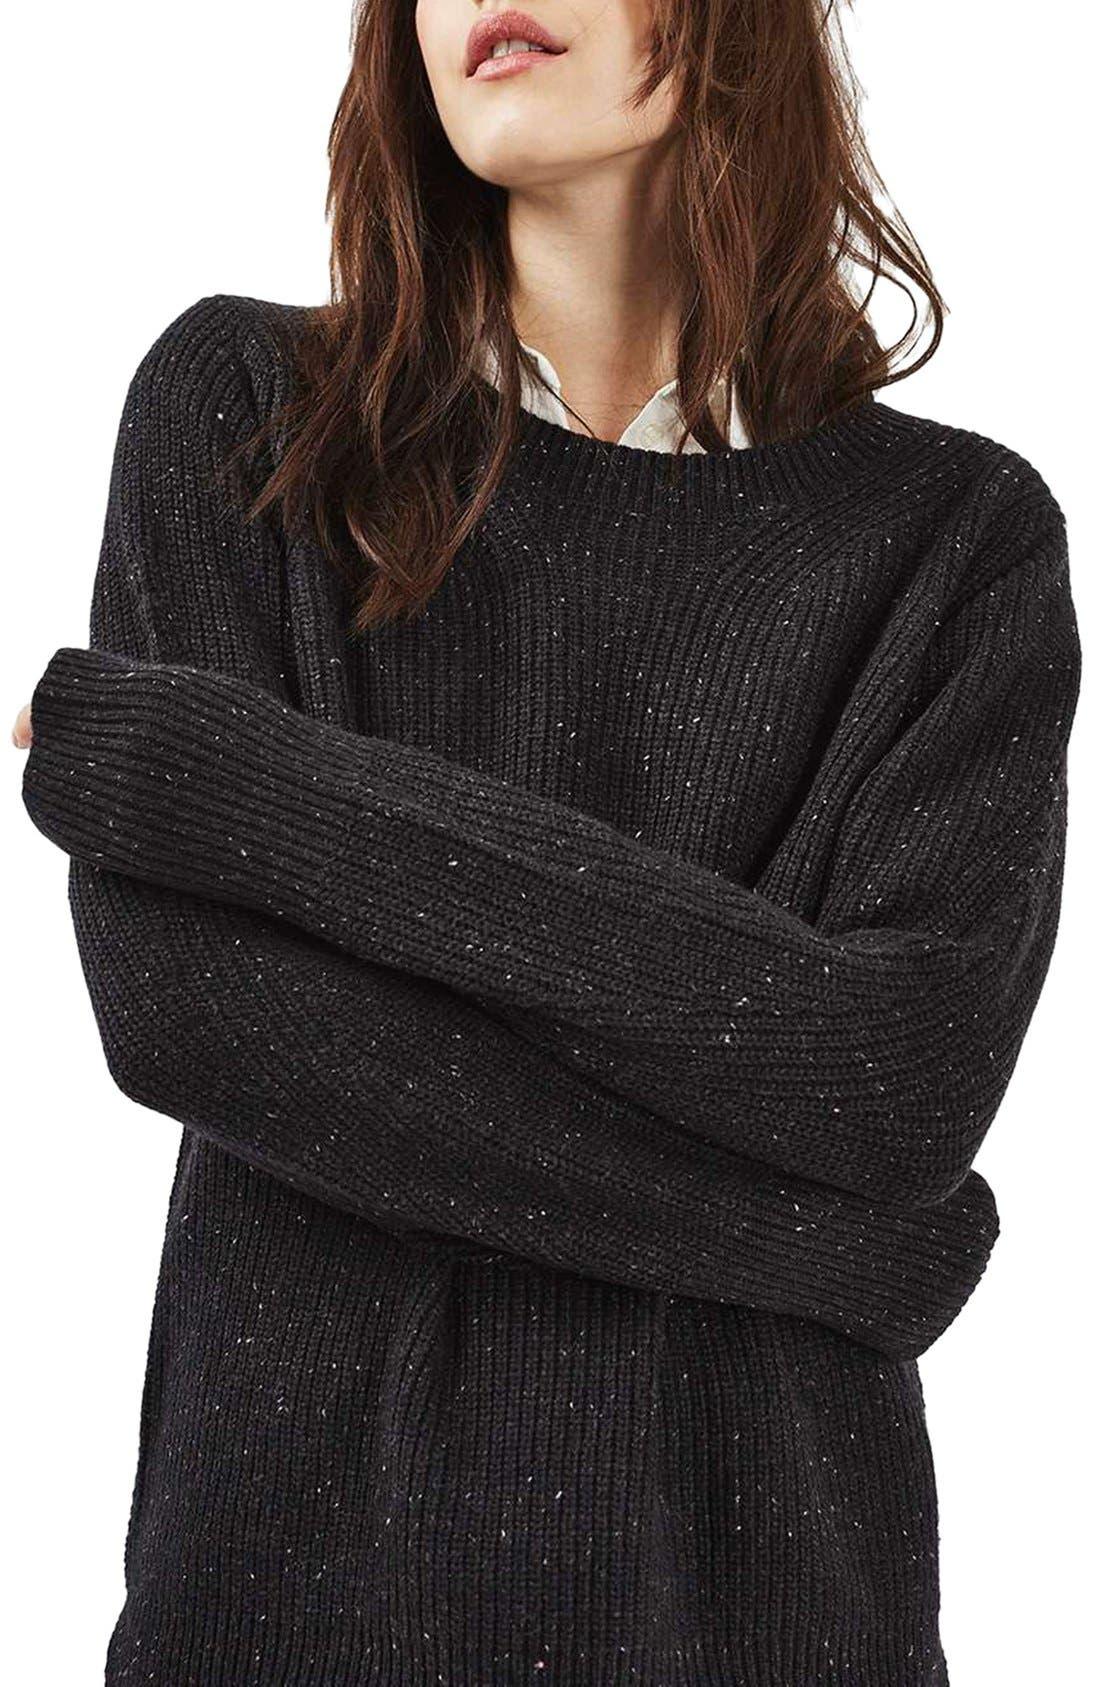 Alternate Image 1 Selected - Topshop Fisherman Rib Sweater